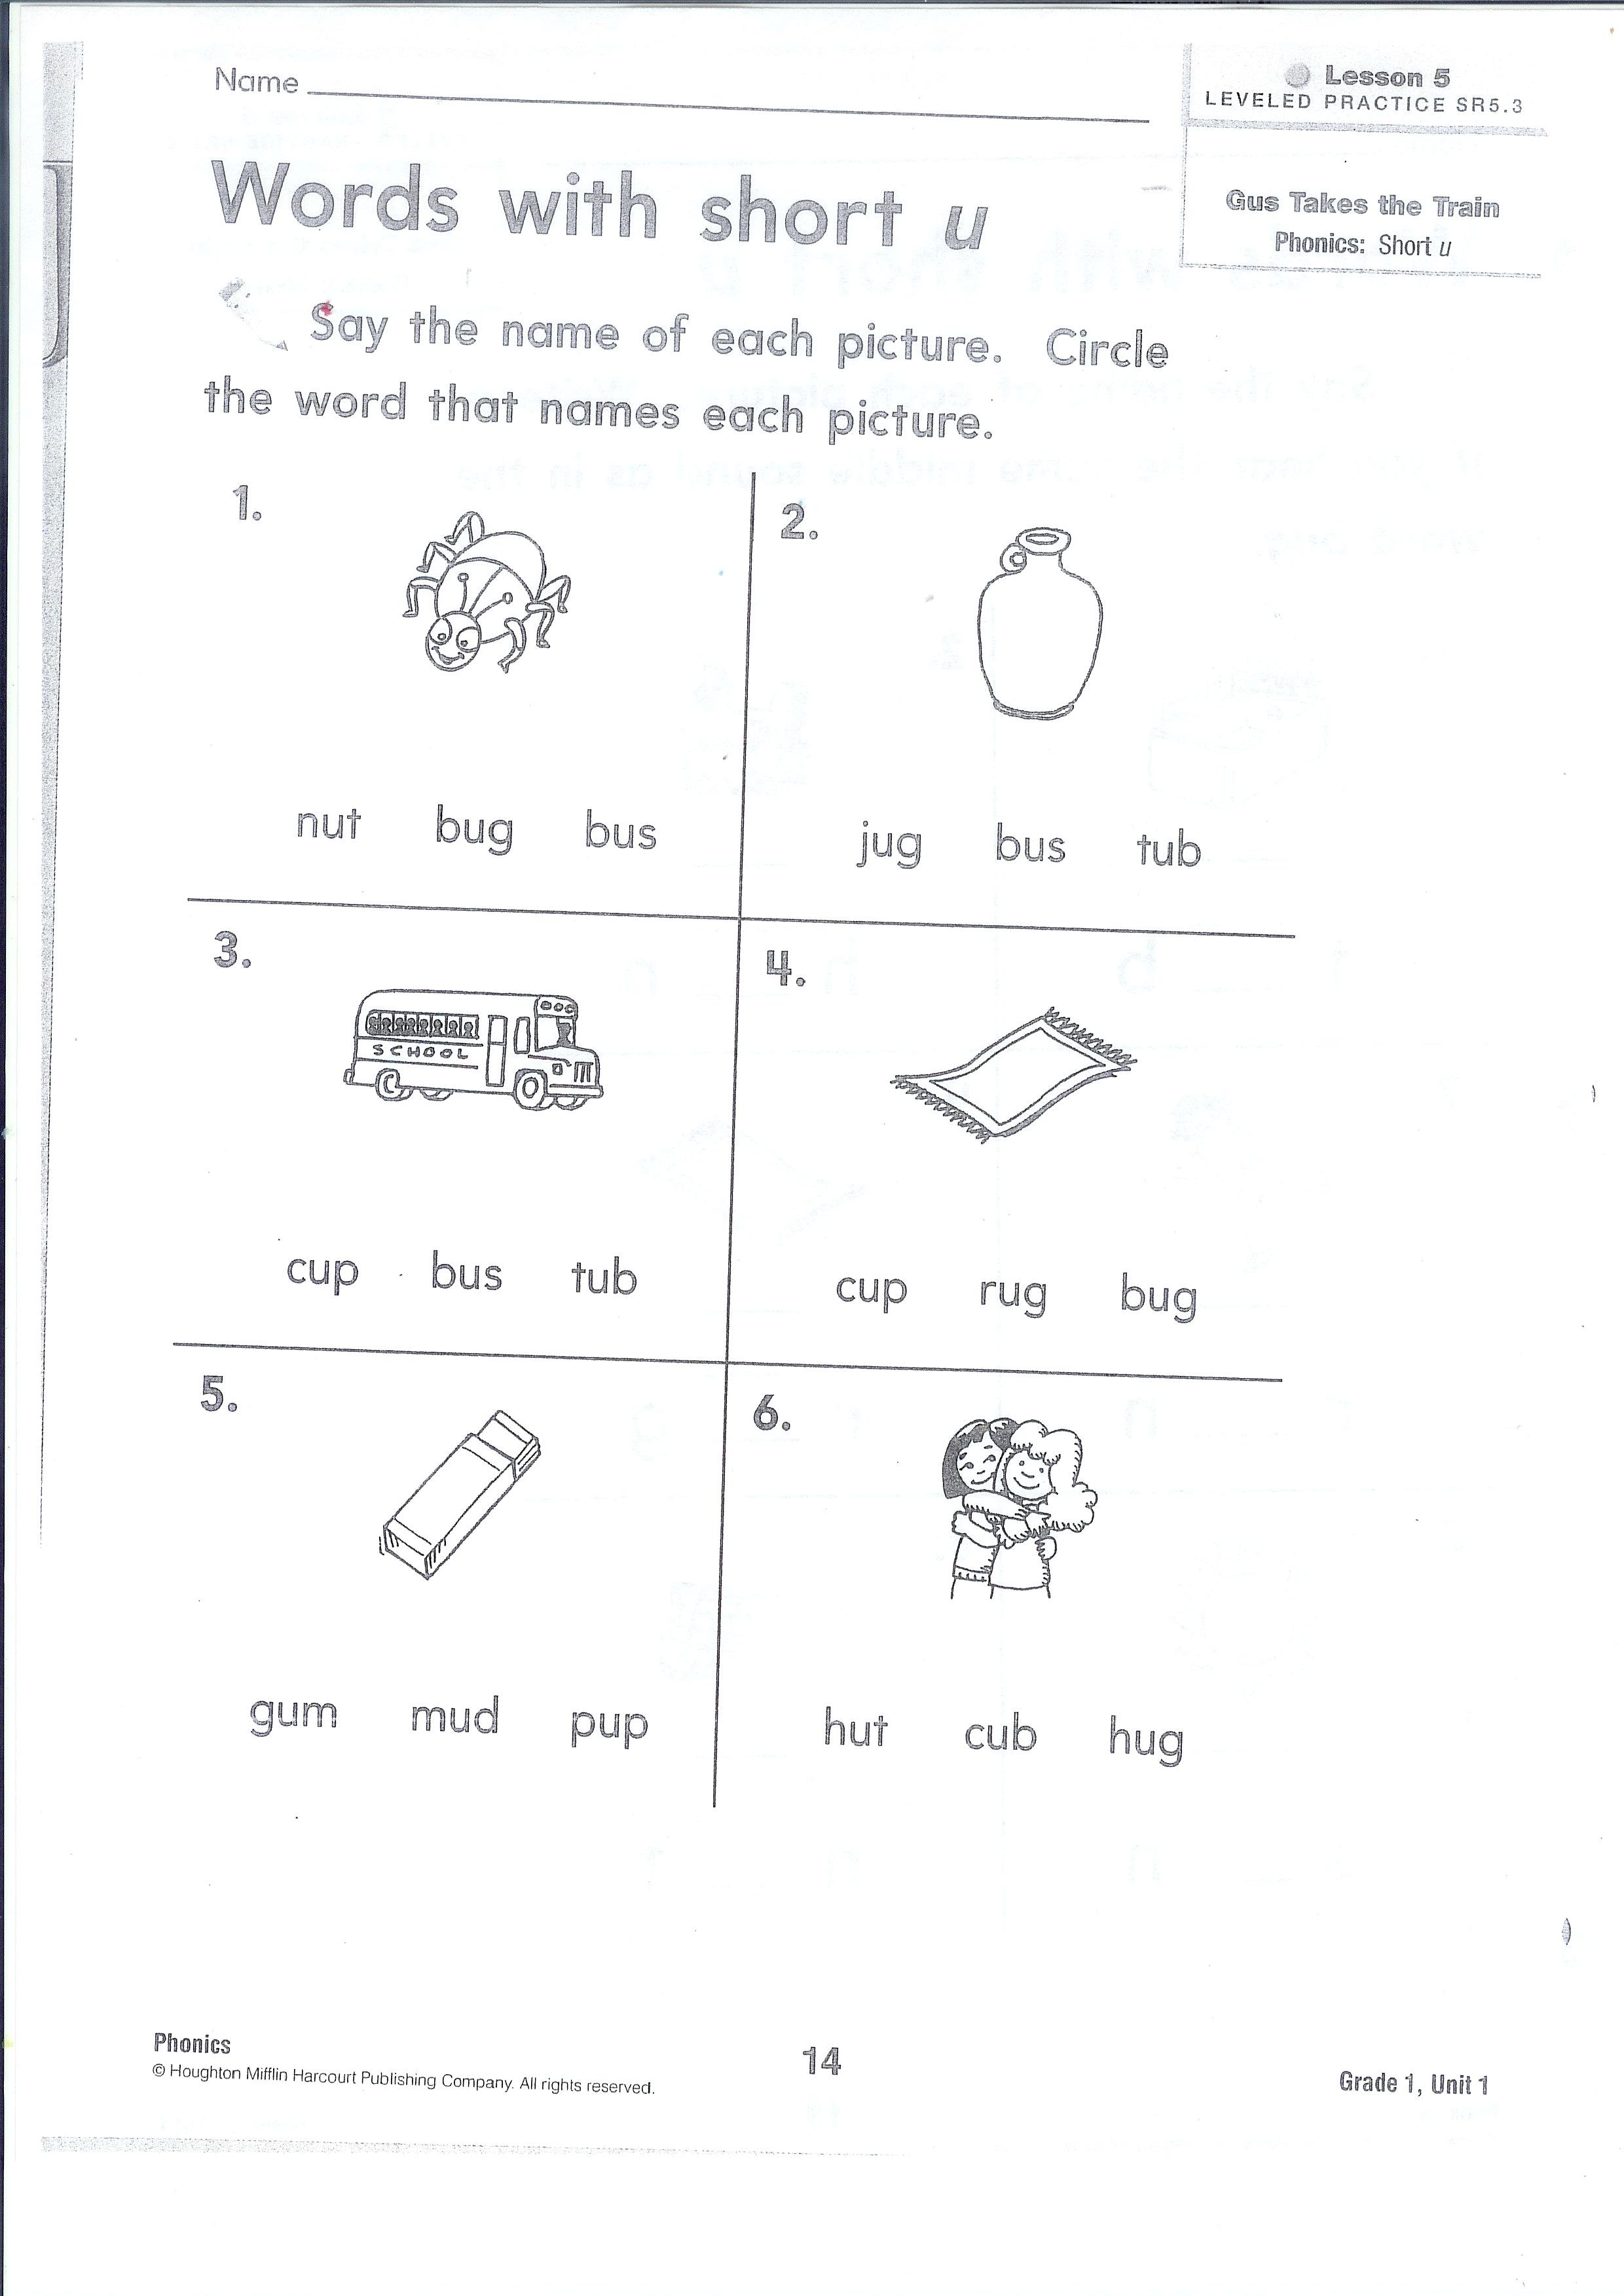 Homework For You Vocabulary Words